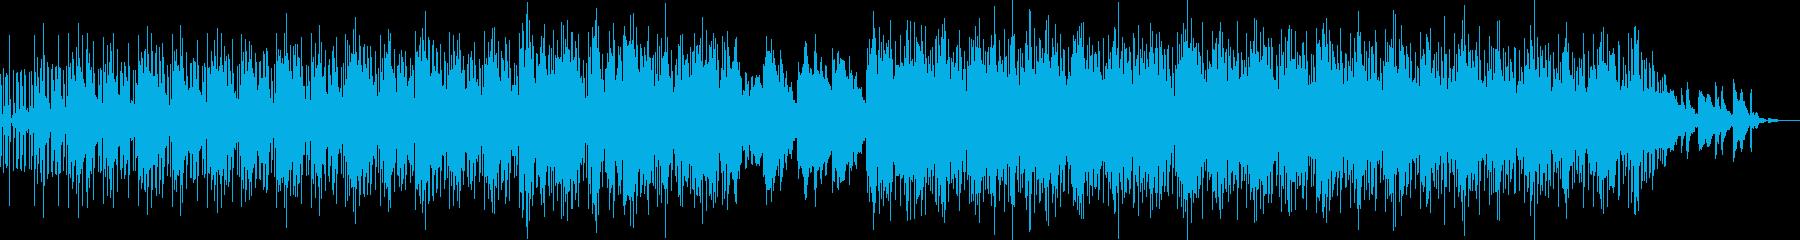 心安らぐチルホップの再生済みの波形